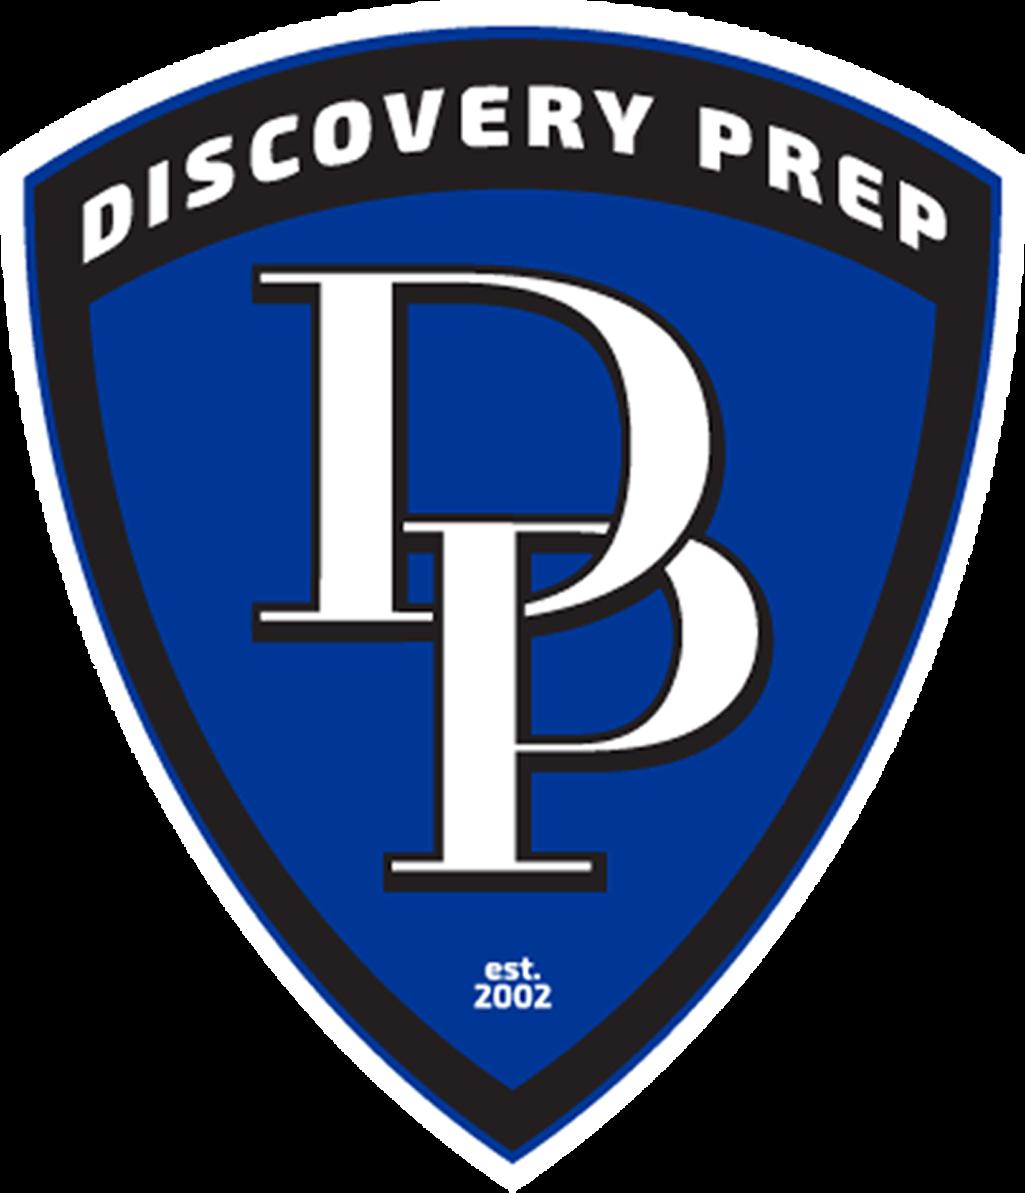 Discovery Prep